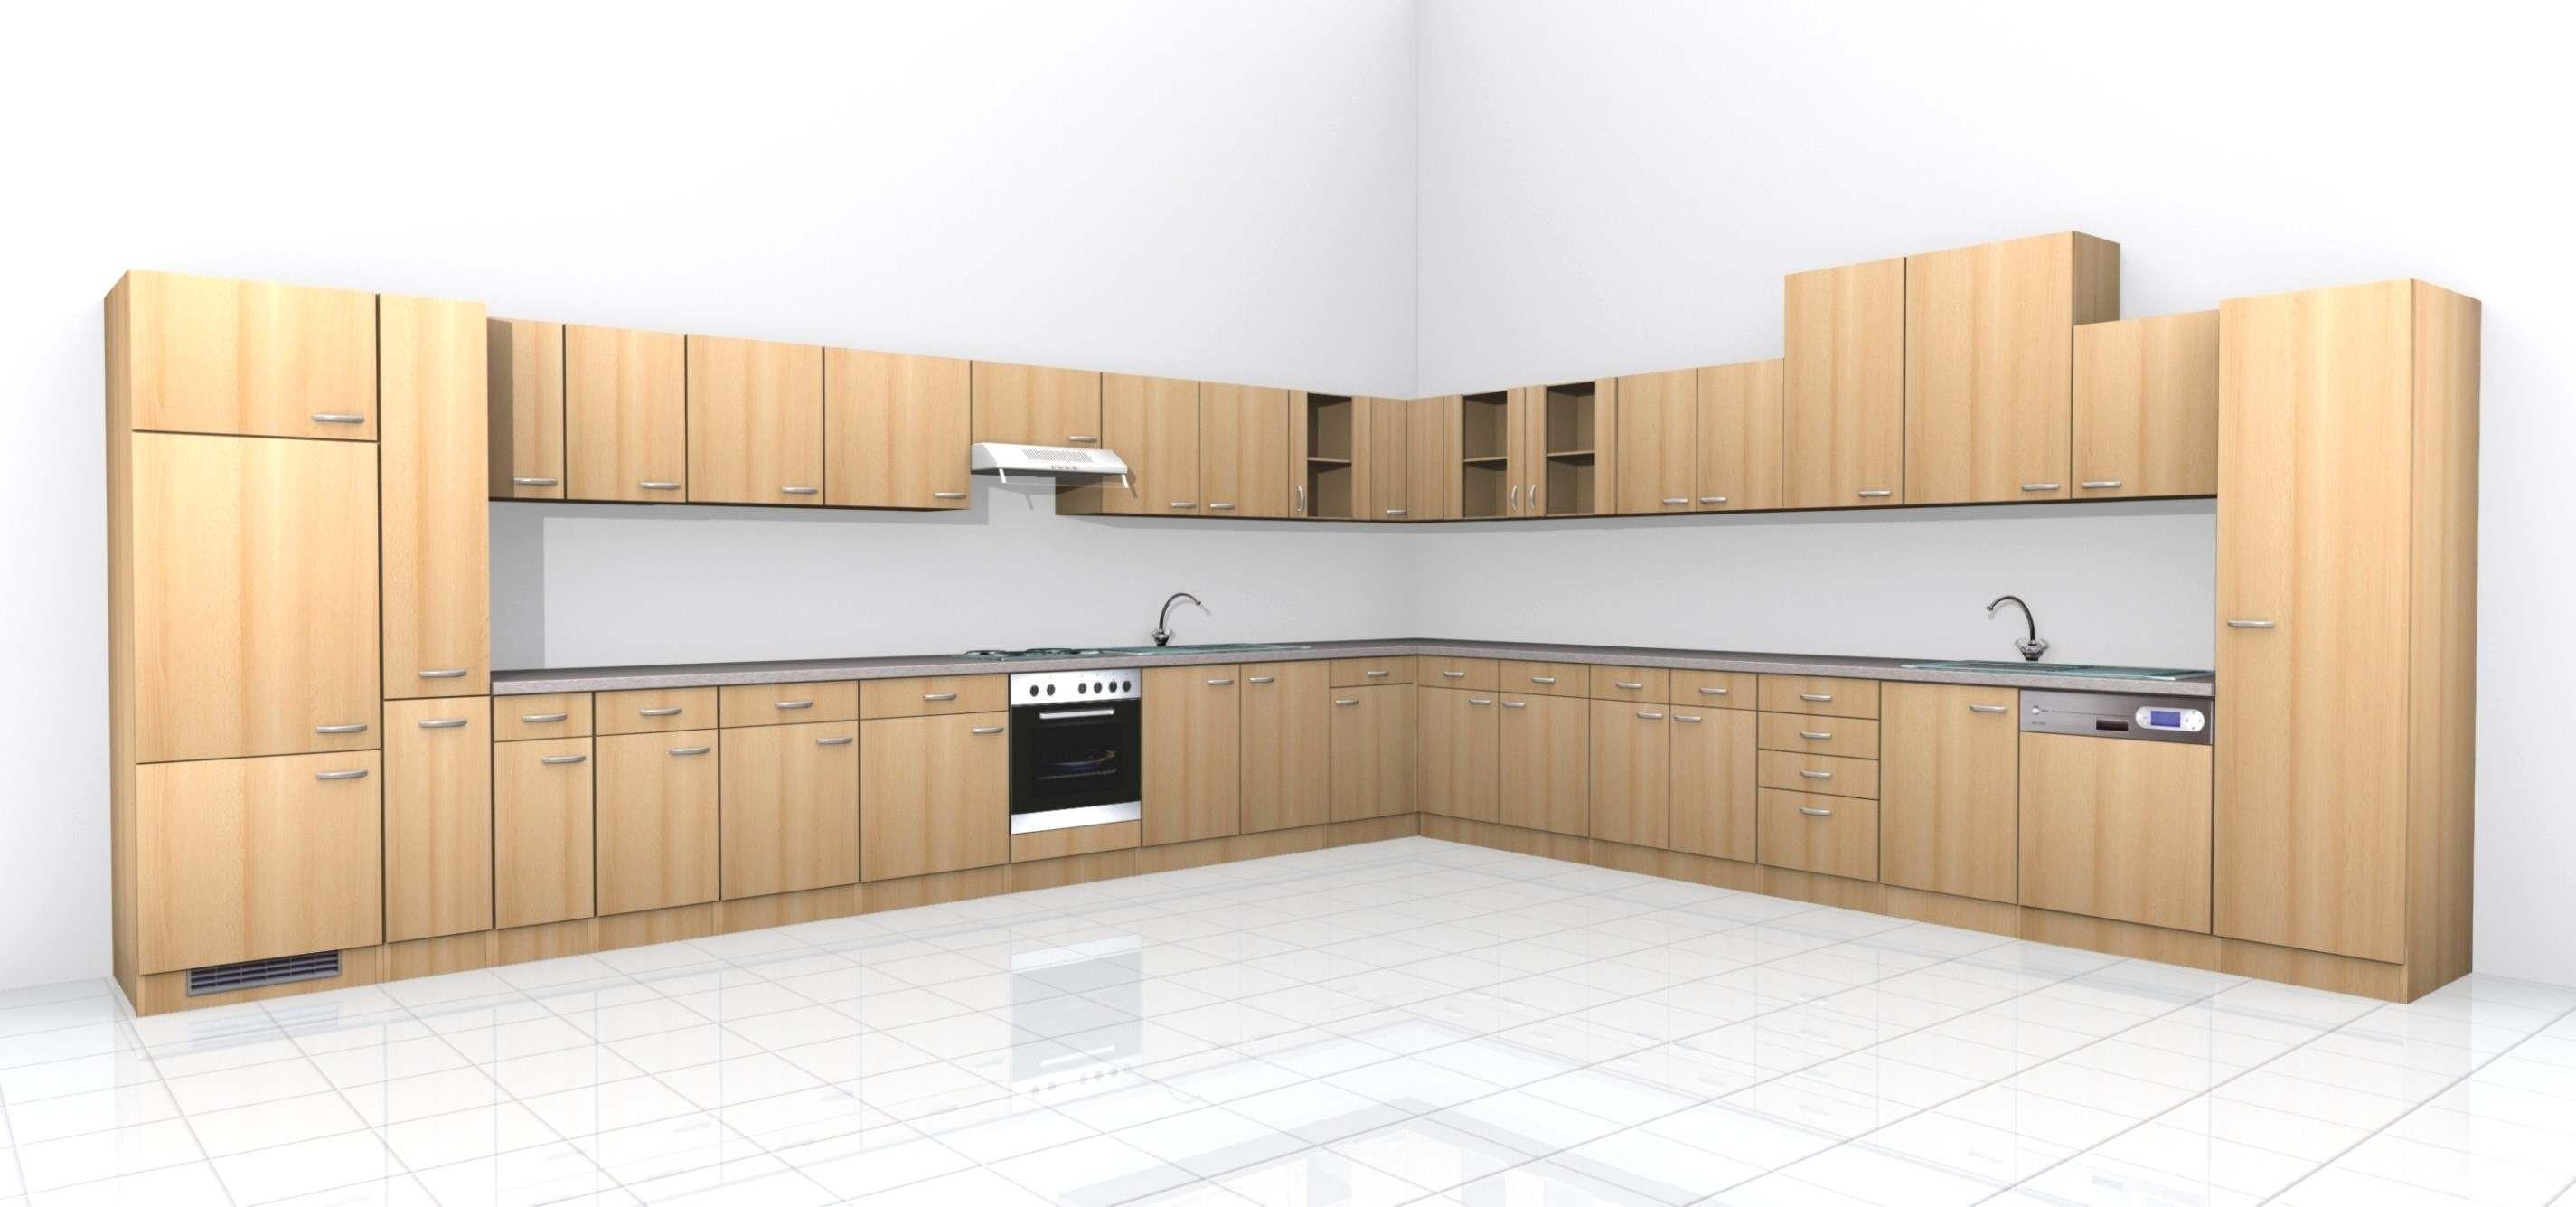 20 Neu Tiefe Arbeitsplatte Kuche Home Living Room Carpet Room